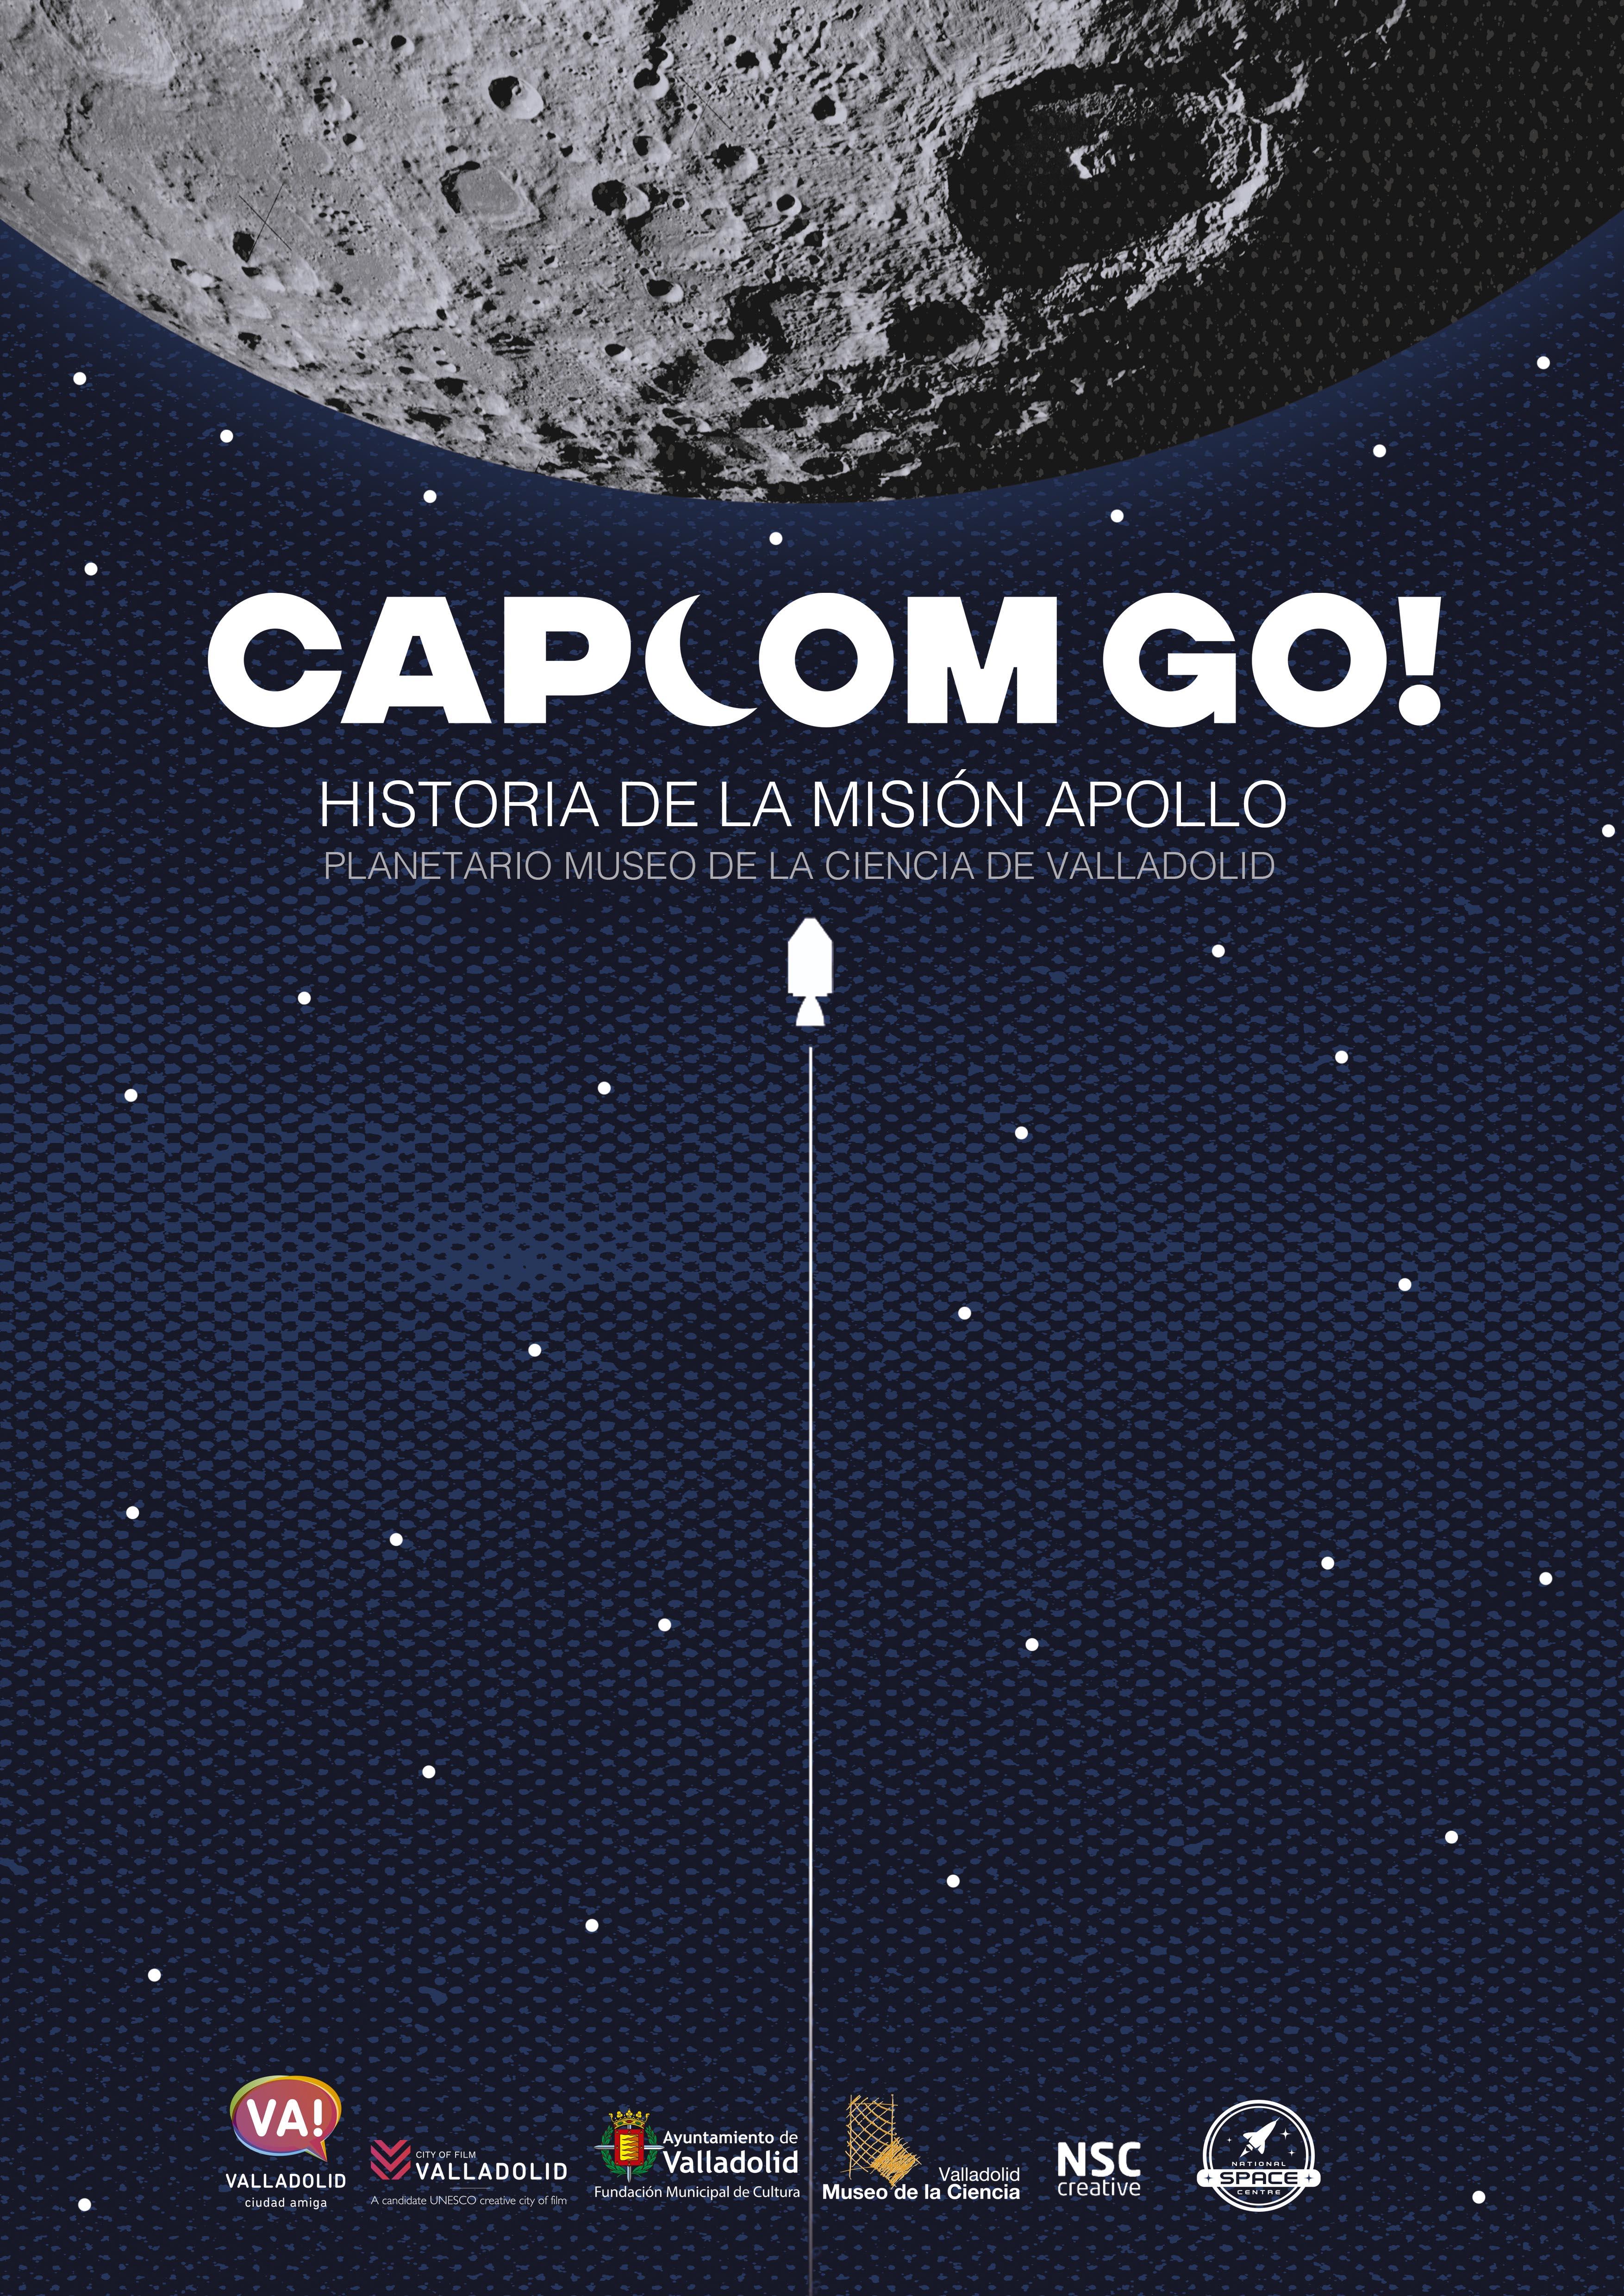 Cartle del programa de Planetario 'CAPCOM go!'